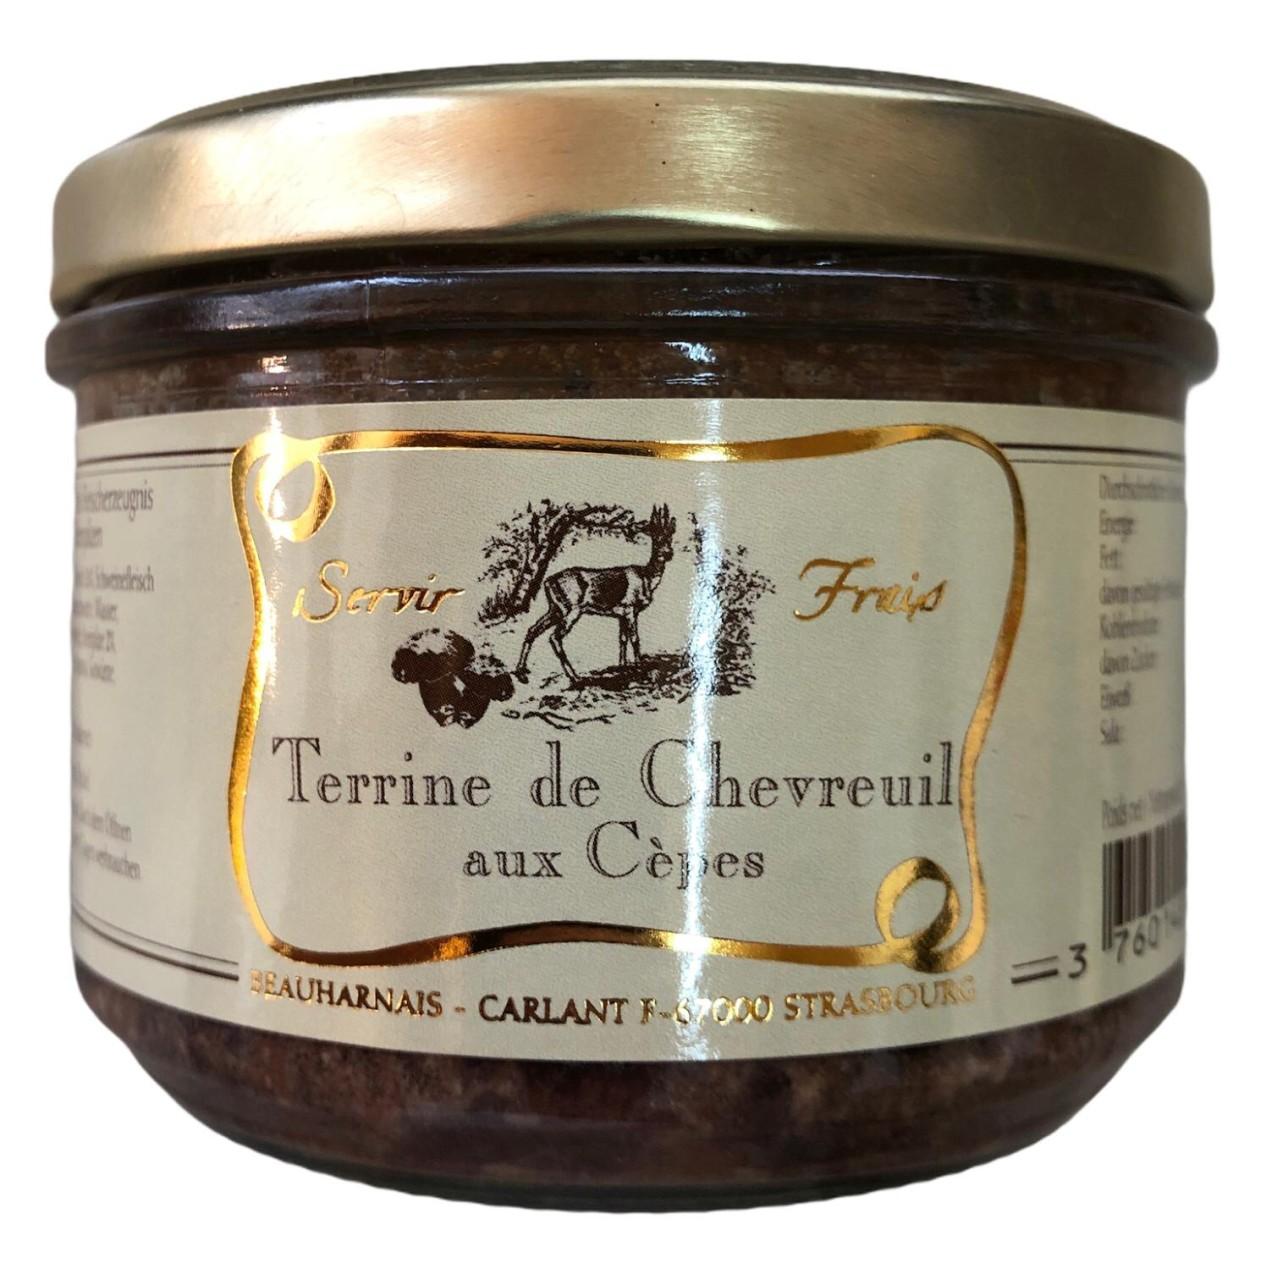 Servir Frais Terrine de Chevreuil aux Cépes (Rehfleisch mit Steinpilzen) 180g